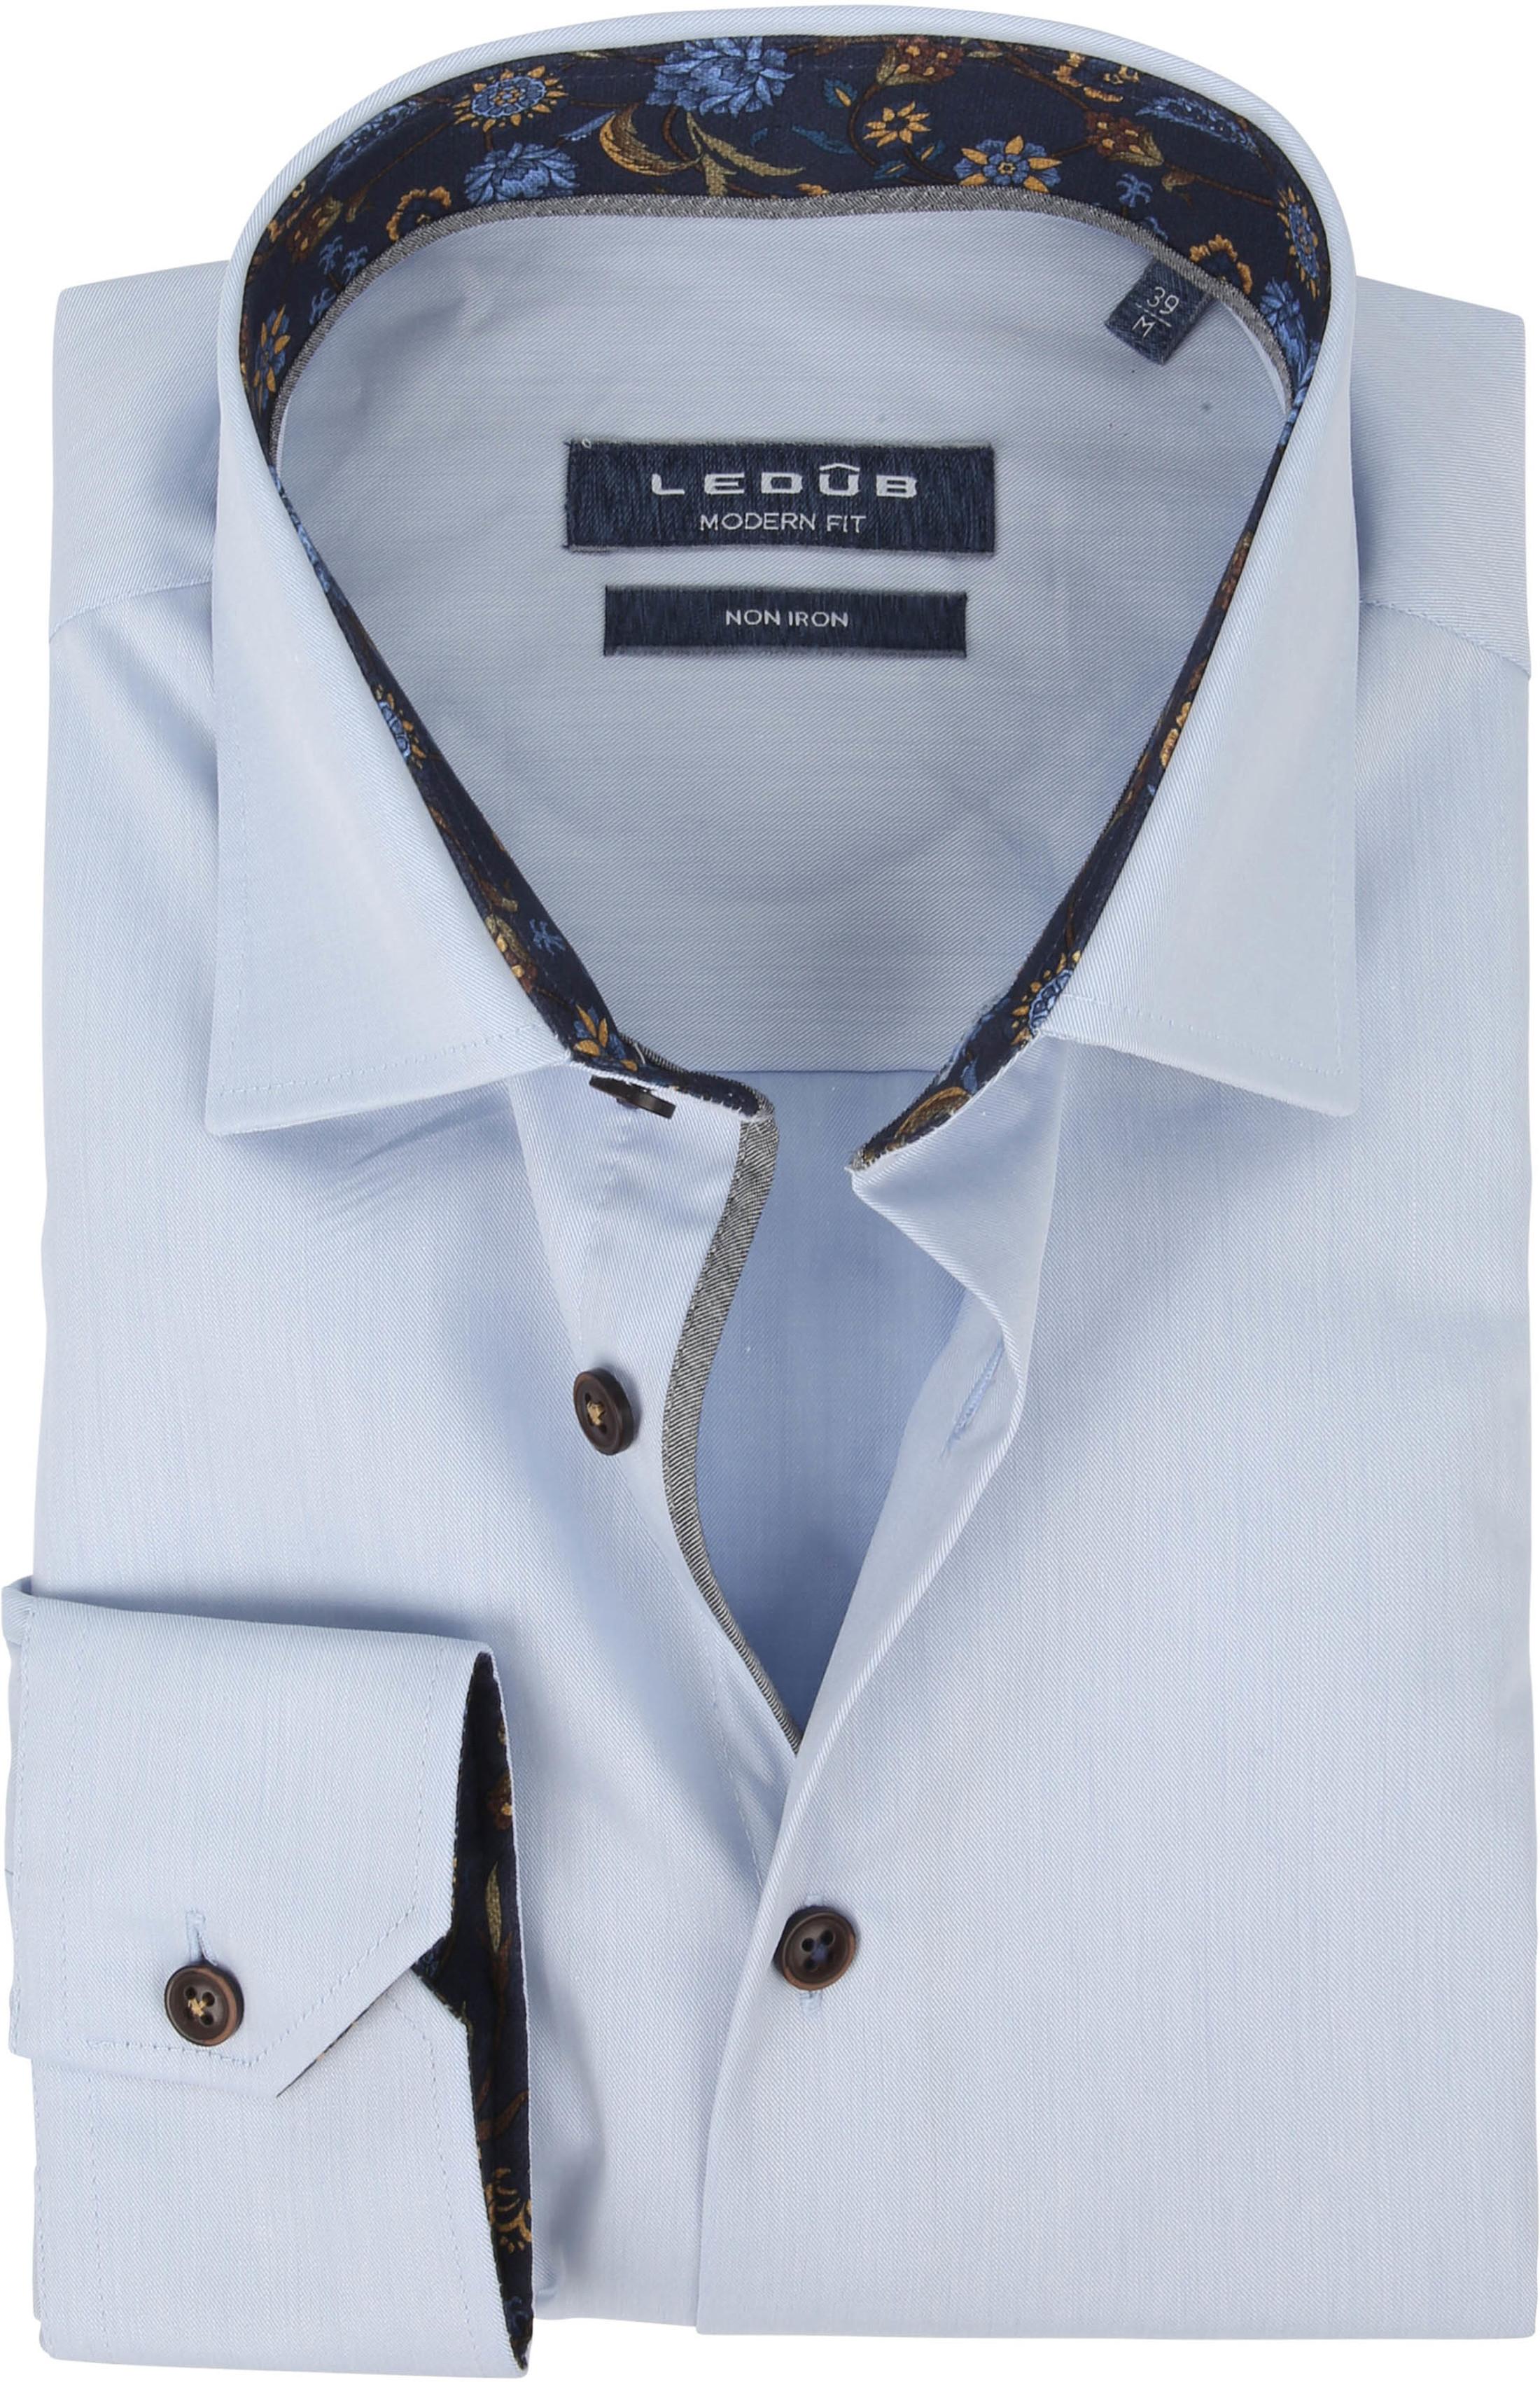 Ledub Overhemd Non Iron Blauw Bloemen